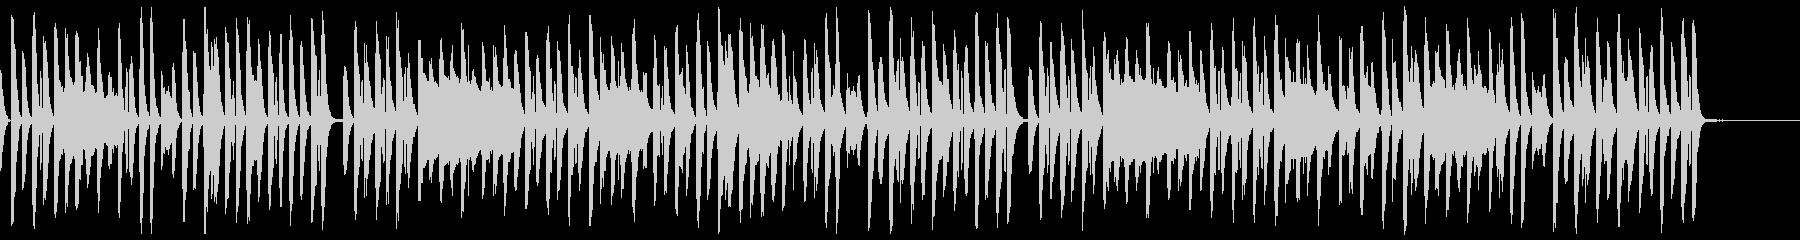 【メロディ・ドラム・ベース抜き】ほのぼ…の未再生の波形